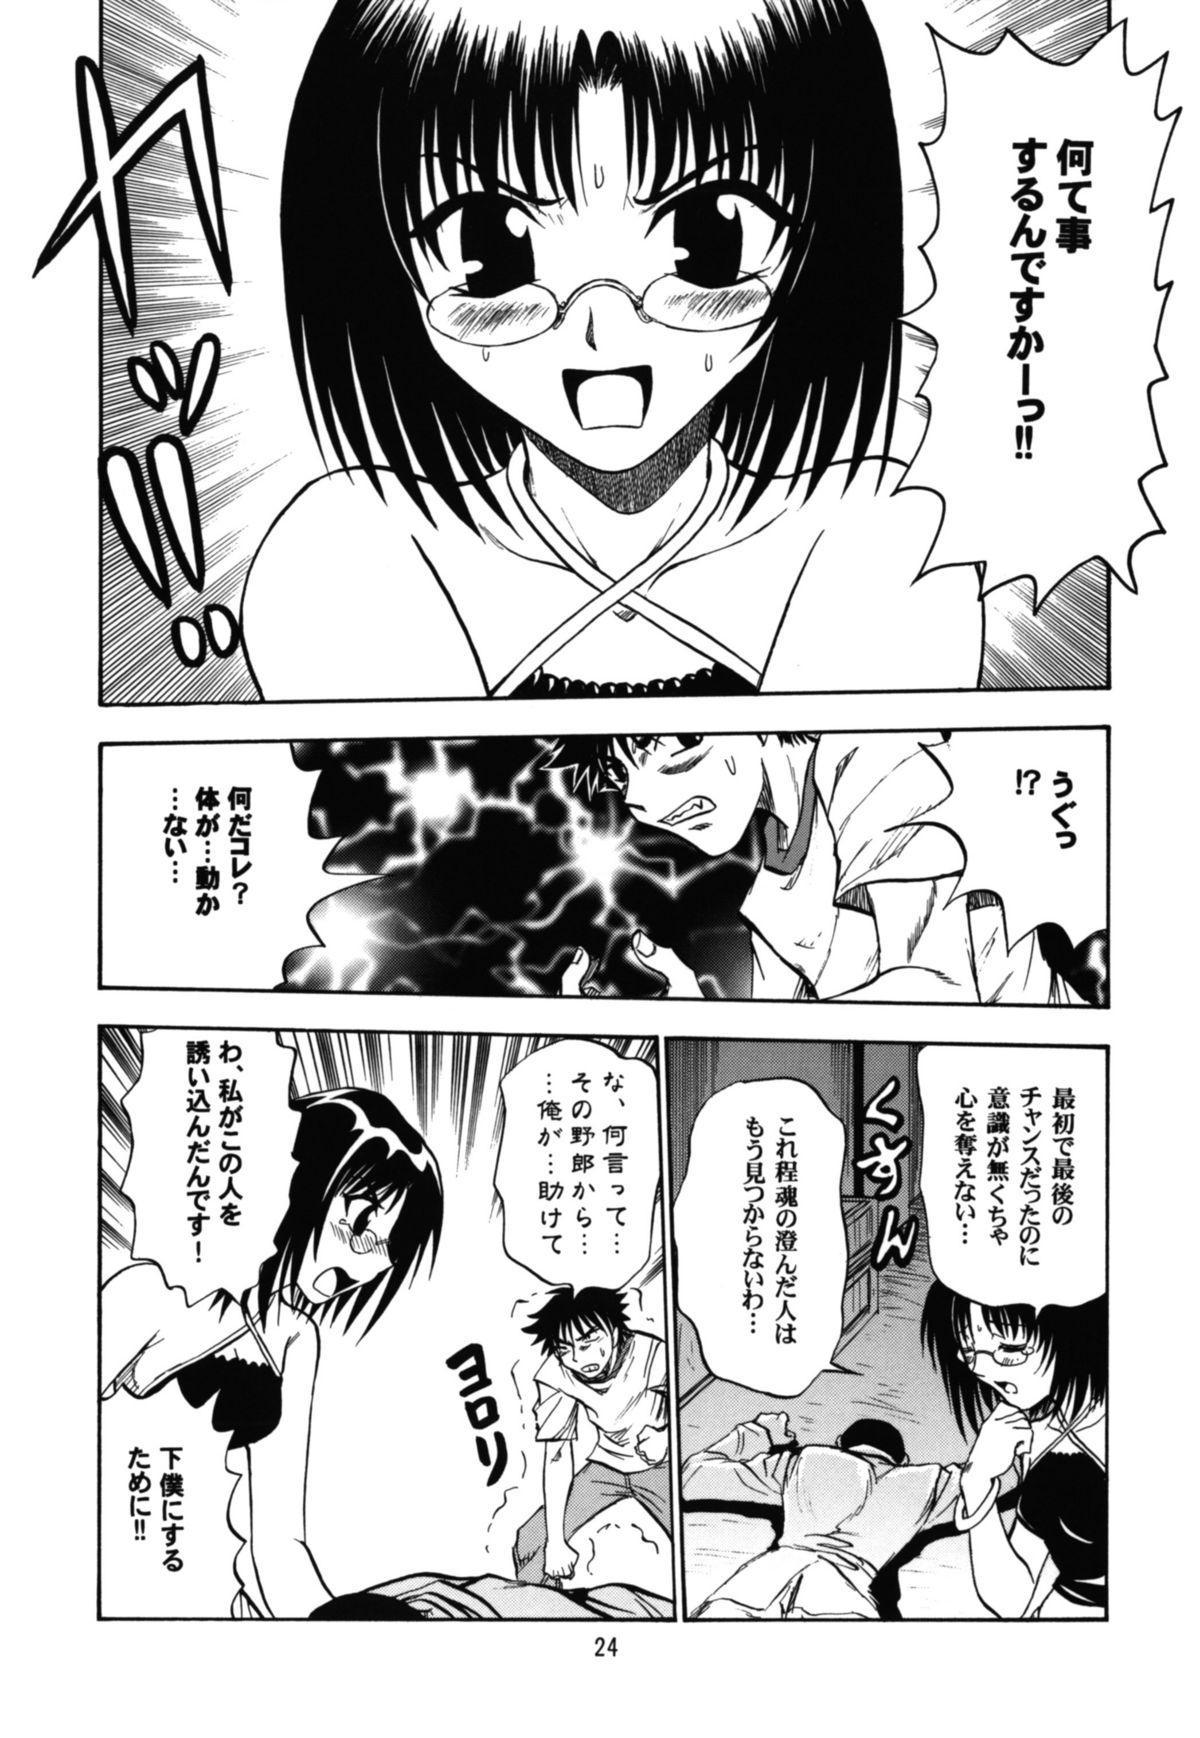 Majokko Anthology Kyouetsu Shigoku 23